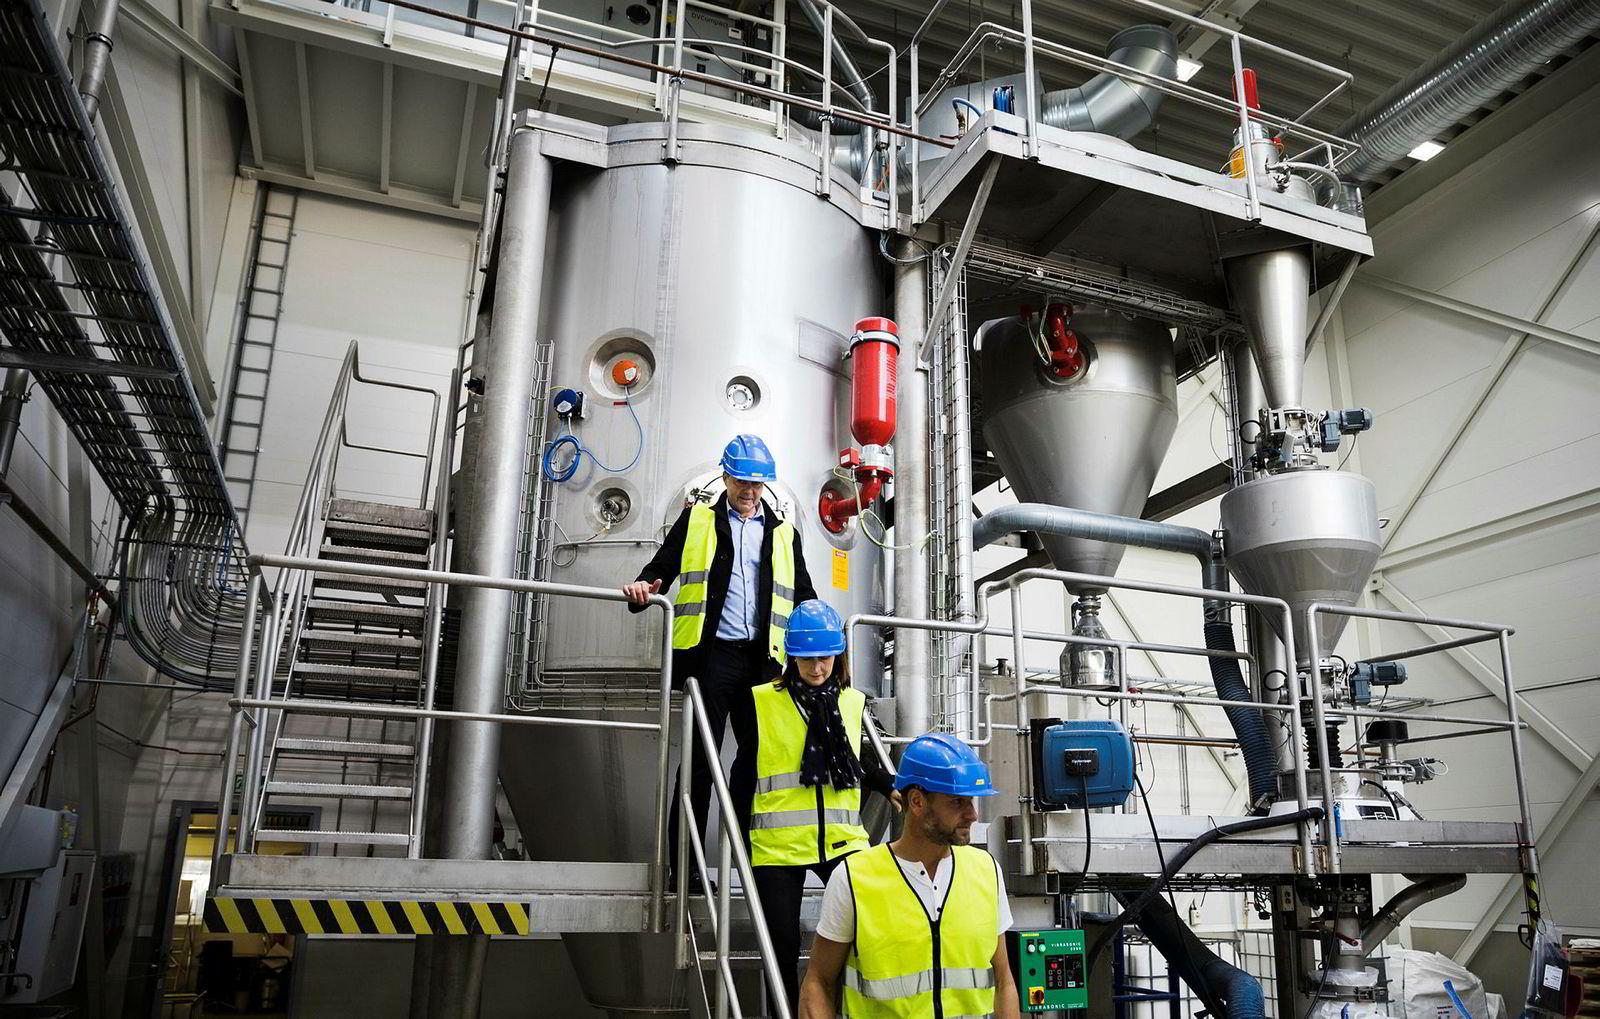 – Vi produserer 300 tonn i året, sier teknisk sjef i Microbeads Rolf Nordal som står øverst i trappen. I midten går daglig leder, Anne Kari Nyhus, mens fabrikksjef Ståle Sagvik nederst i trappen viser frem selskapets tørkeanlegg.